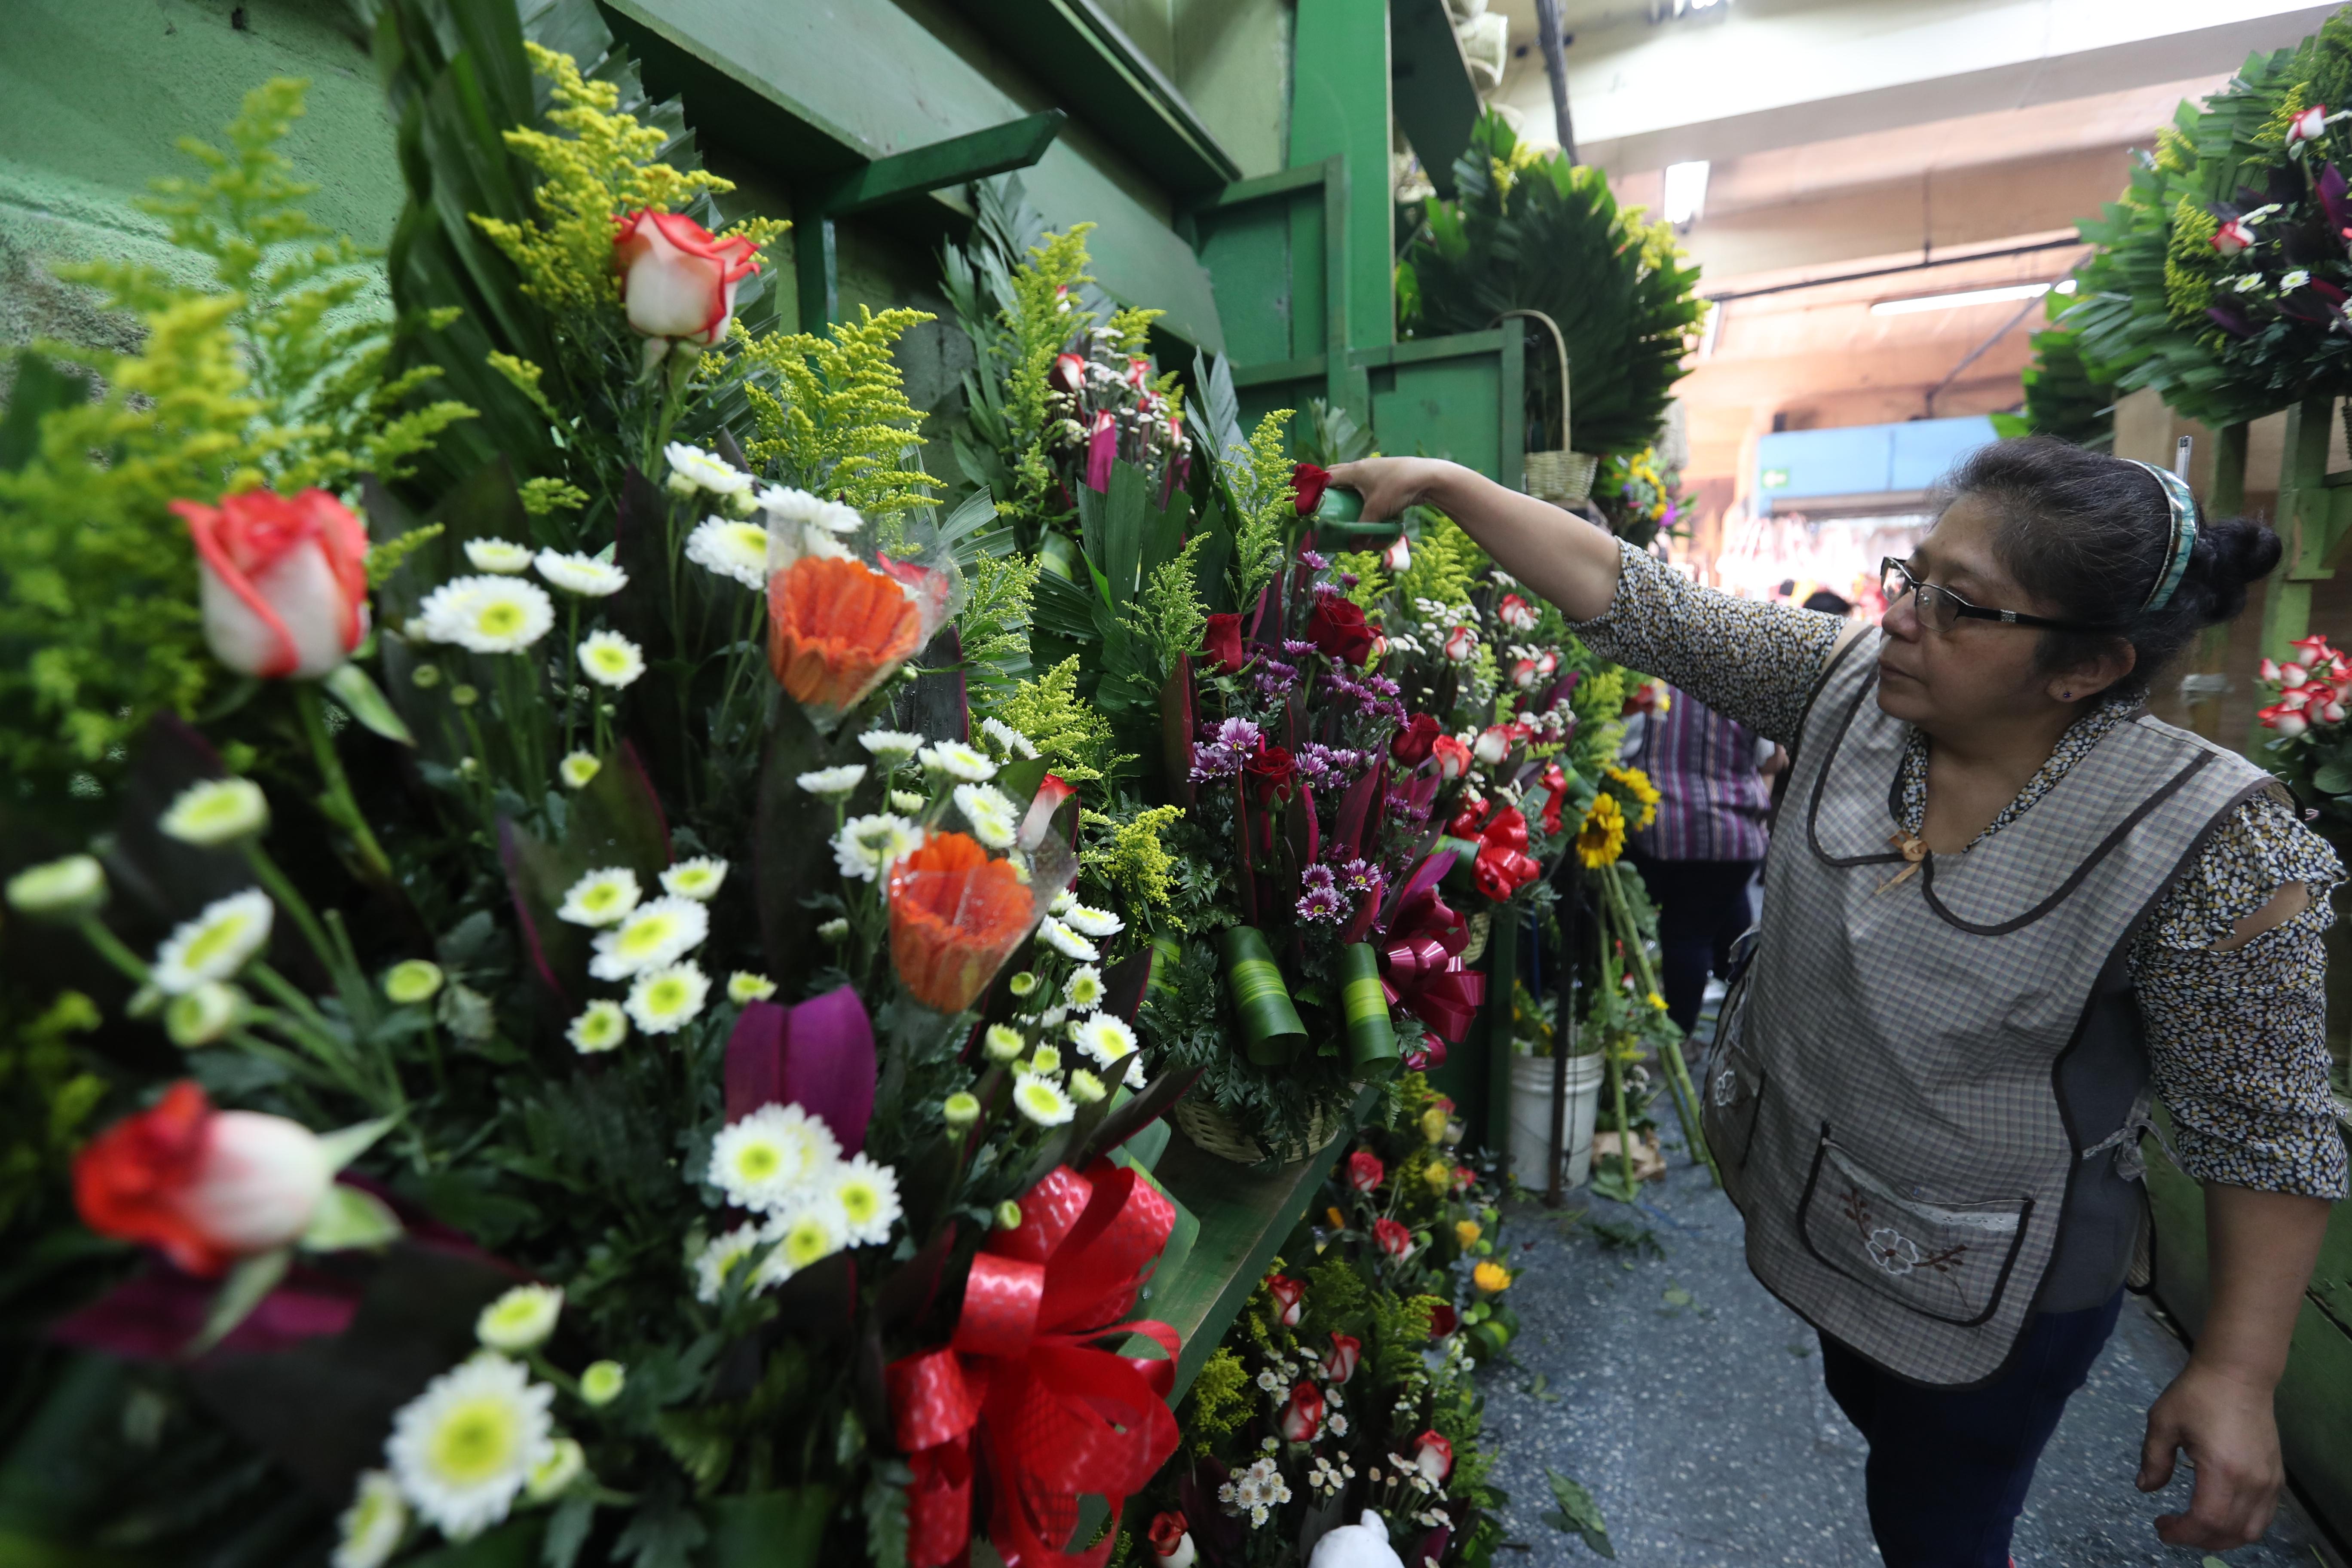 Los arreglos florales se ofrecieron en precios desde Q 20 hasta Q 150 en el Mercado Central. (Foto Prensa Libre: Érick Ávila)